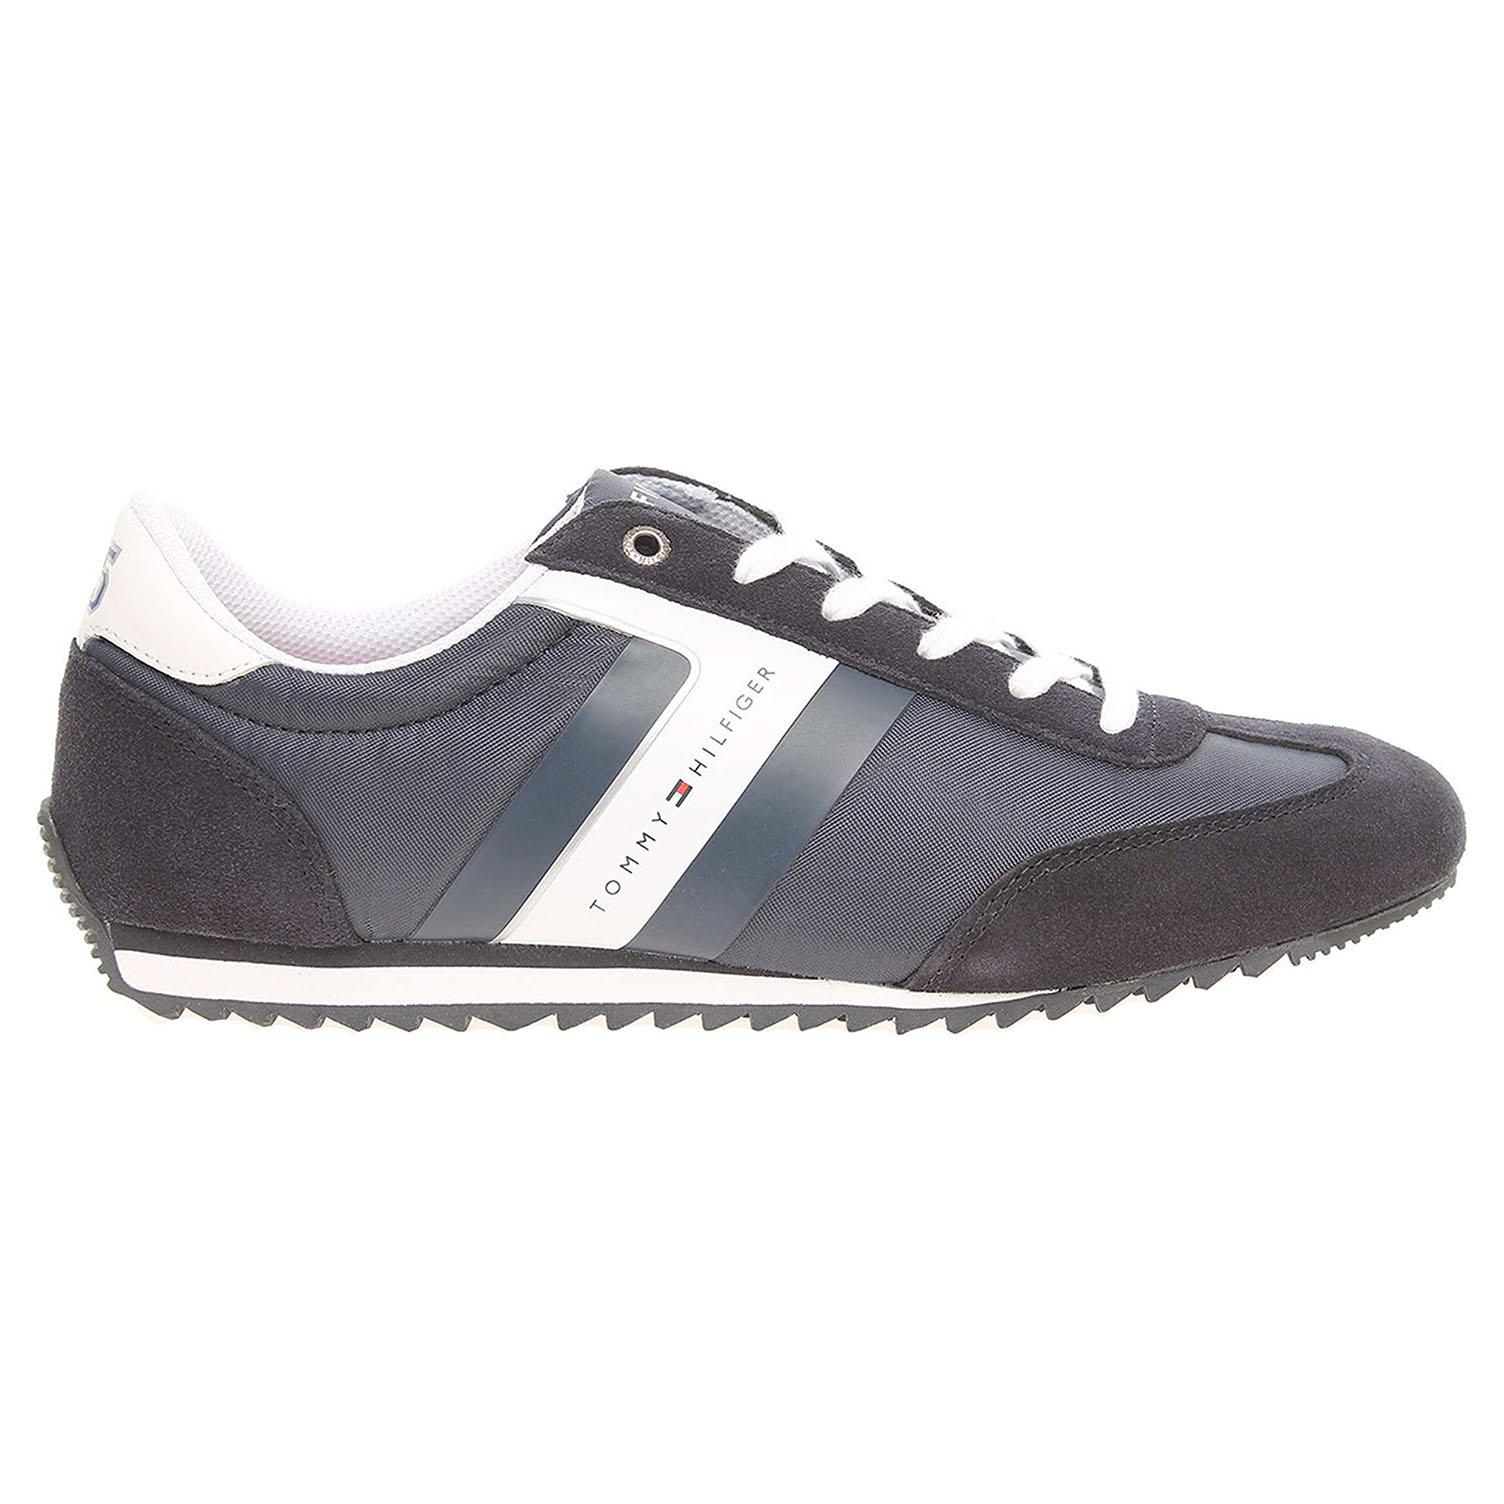 Ecco Tommy Hilfiger pánská obuv FM0FM00612 B2285RANSON 8C1 modrá 24000457